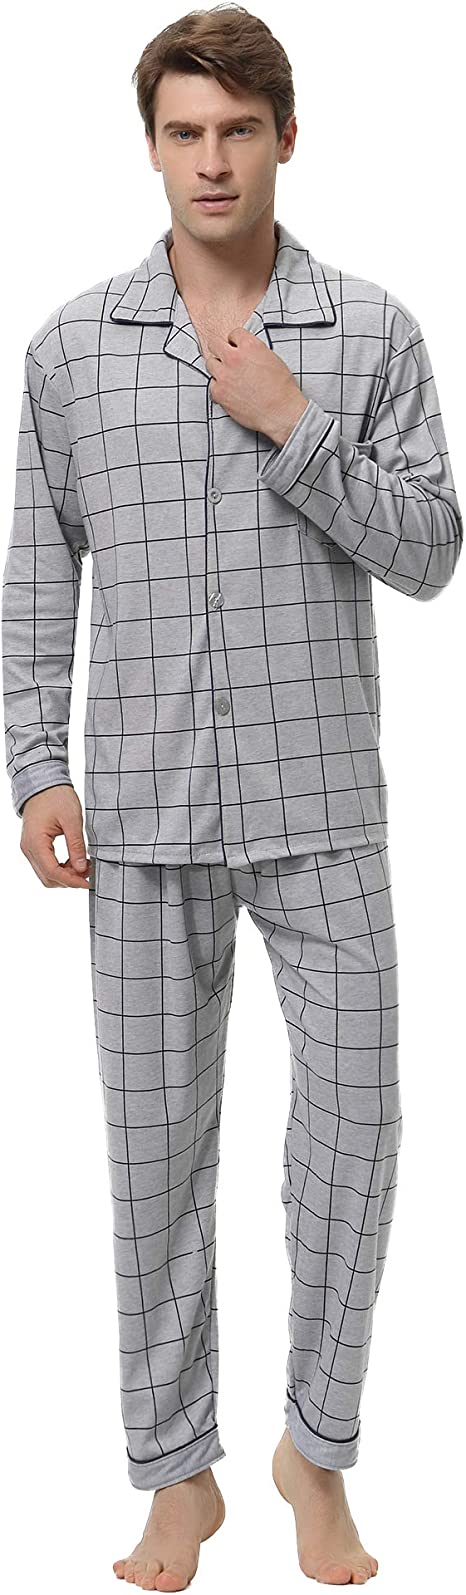 Aibrou Pijama Hombre Invierno Algodón, Pijamas de casa con ...